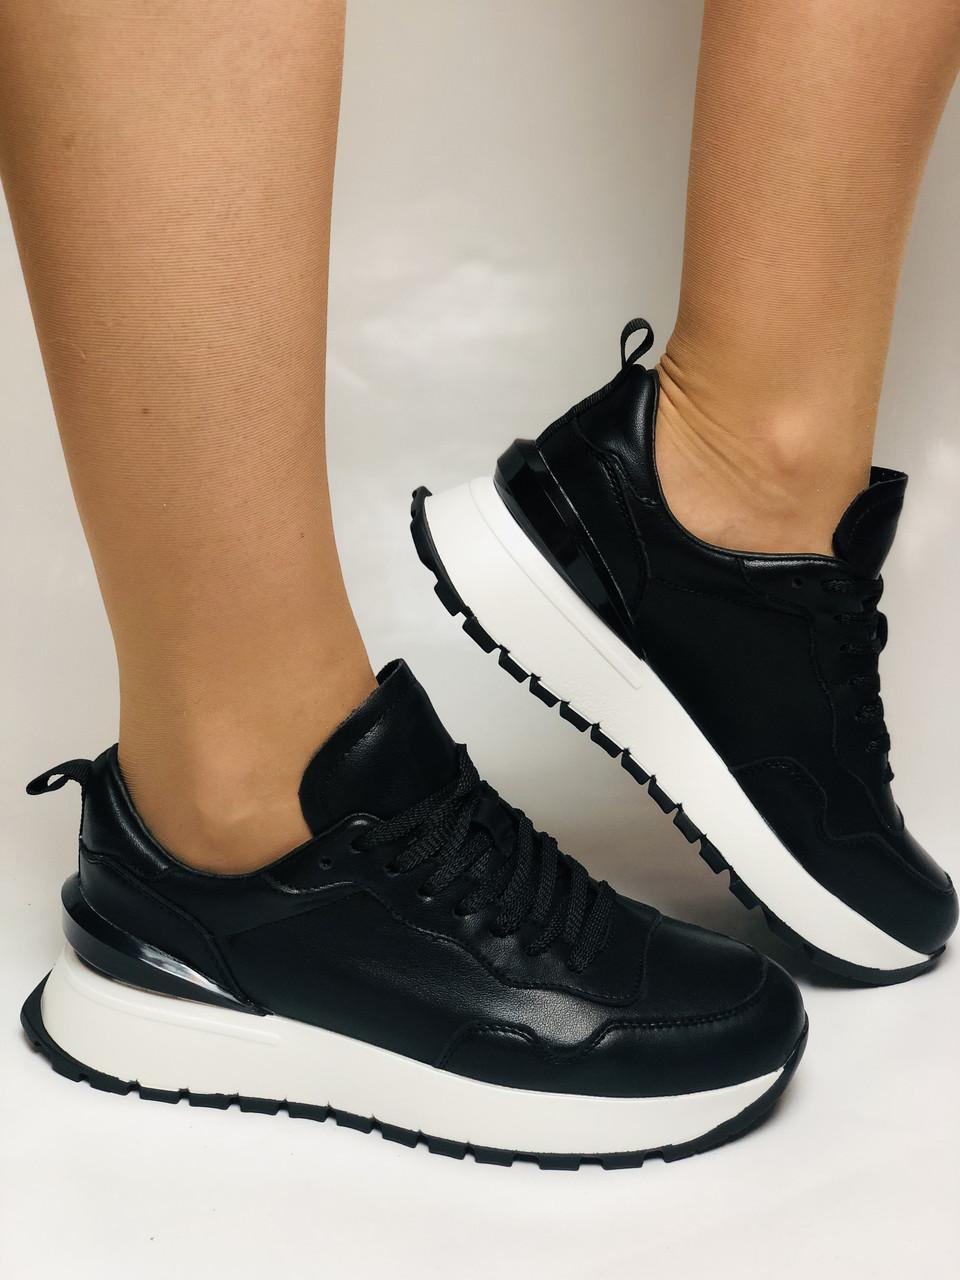 Farinni. Натуральная кожа. Женские черные кеды-кроссовки на белой подошве. Размер 36.37.39.